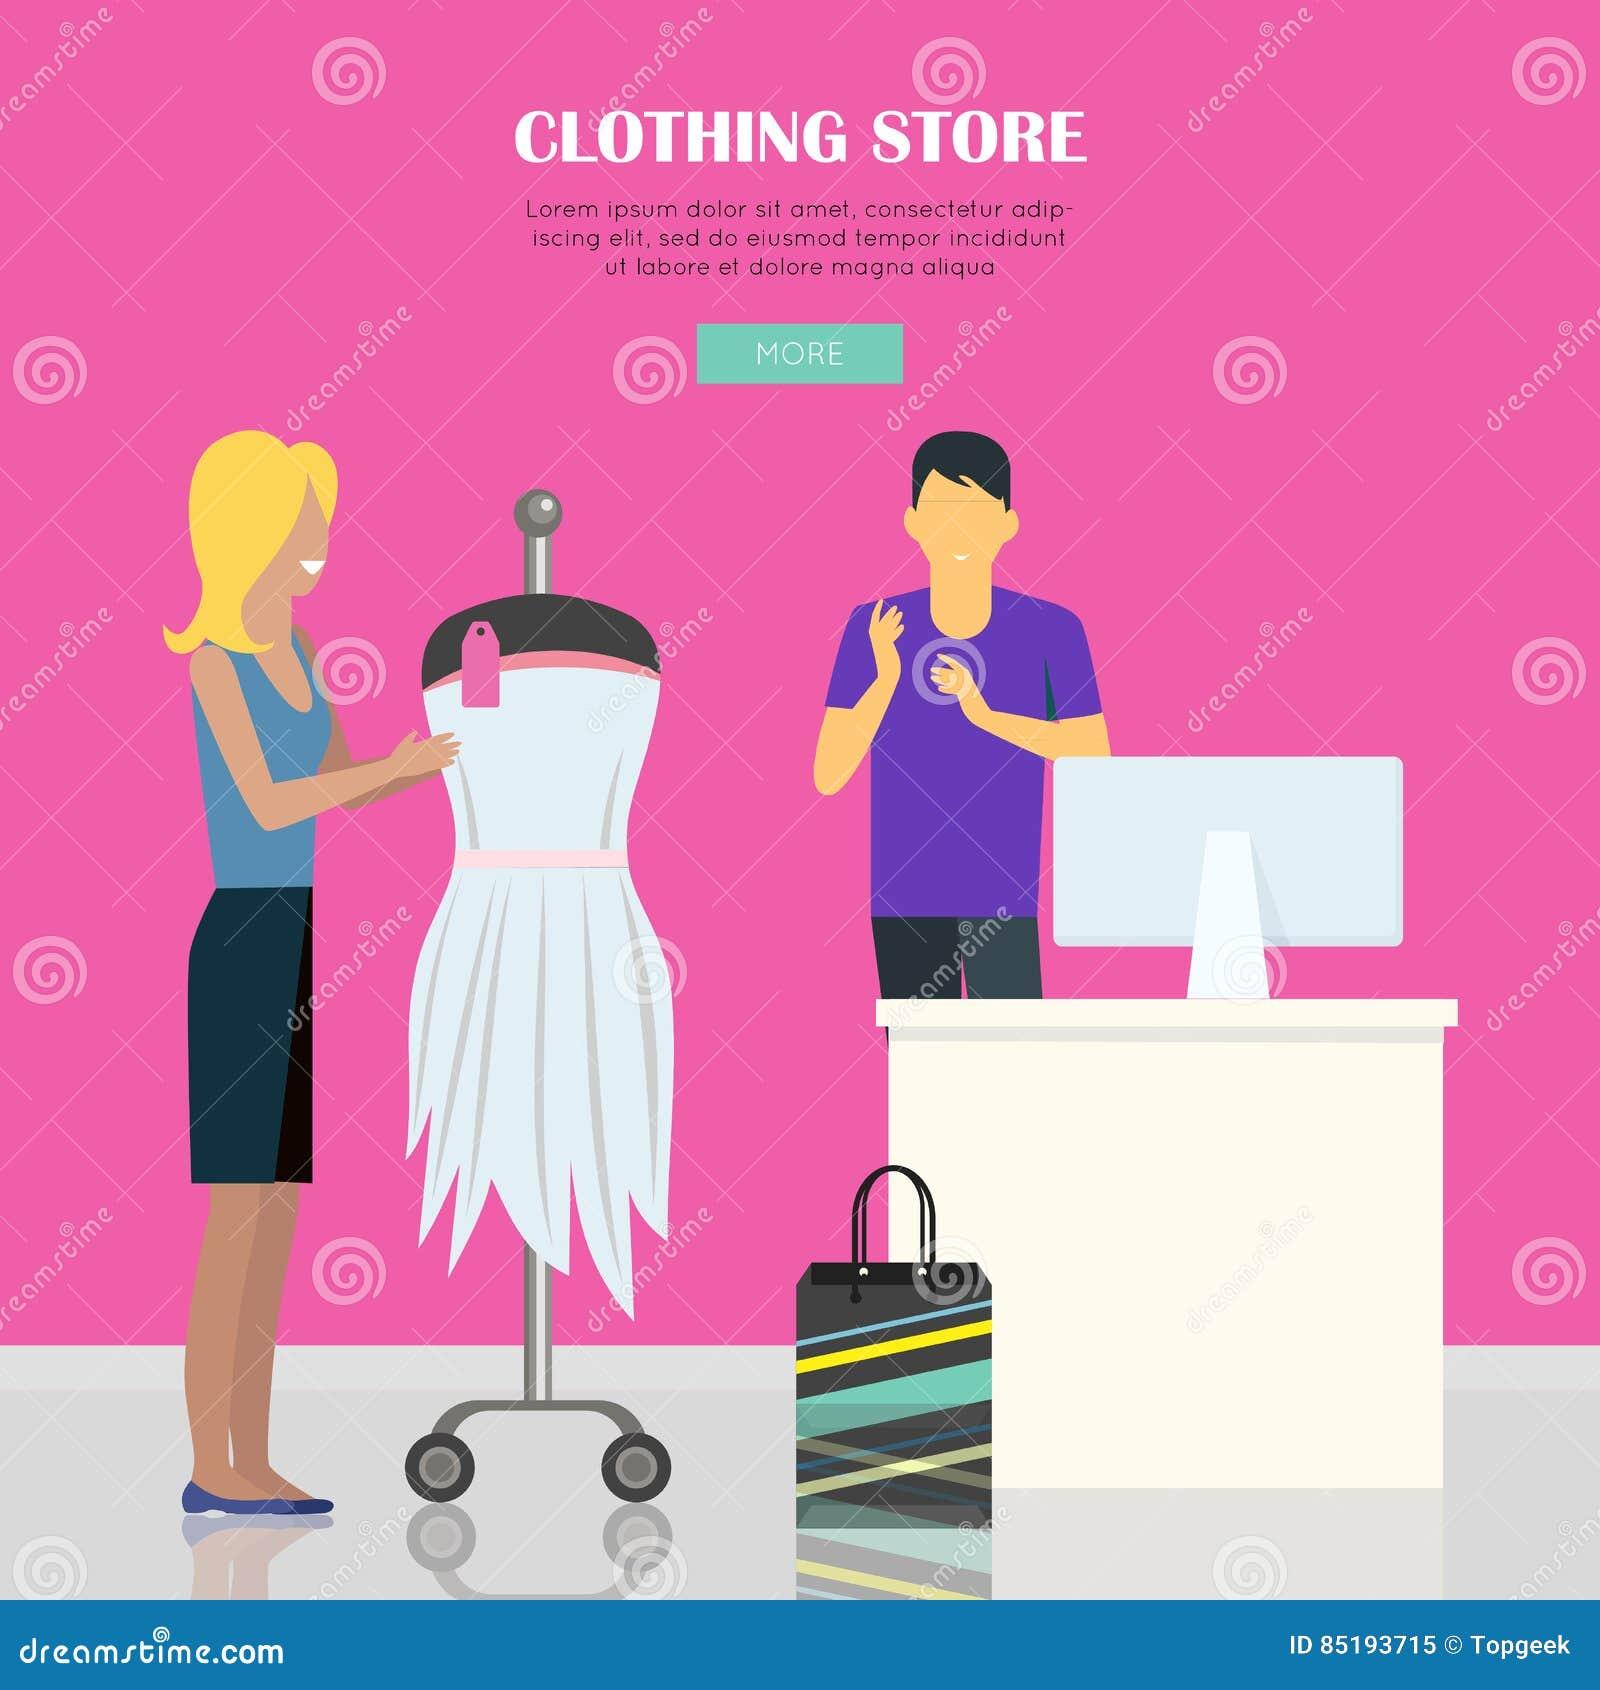 354e8cb1d9837 Ilustração da loja de roupa A mulher faz suas compras na loja da roupa  Ilustração fêmea da loja de roupa Homem atrás do contador da loja Povos que  compram, ...